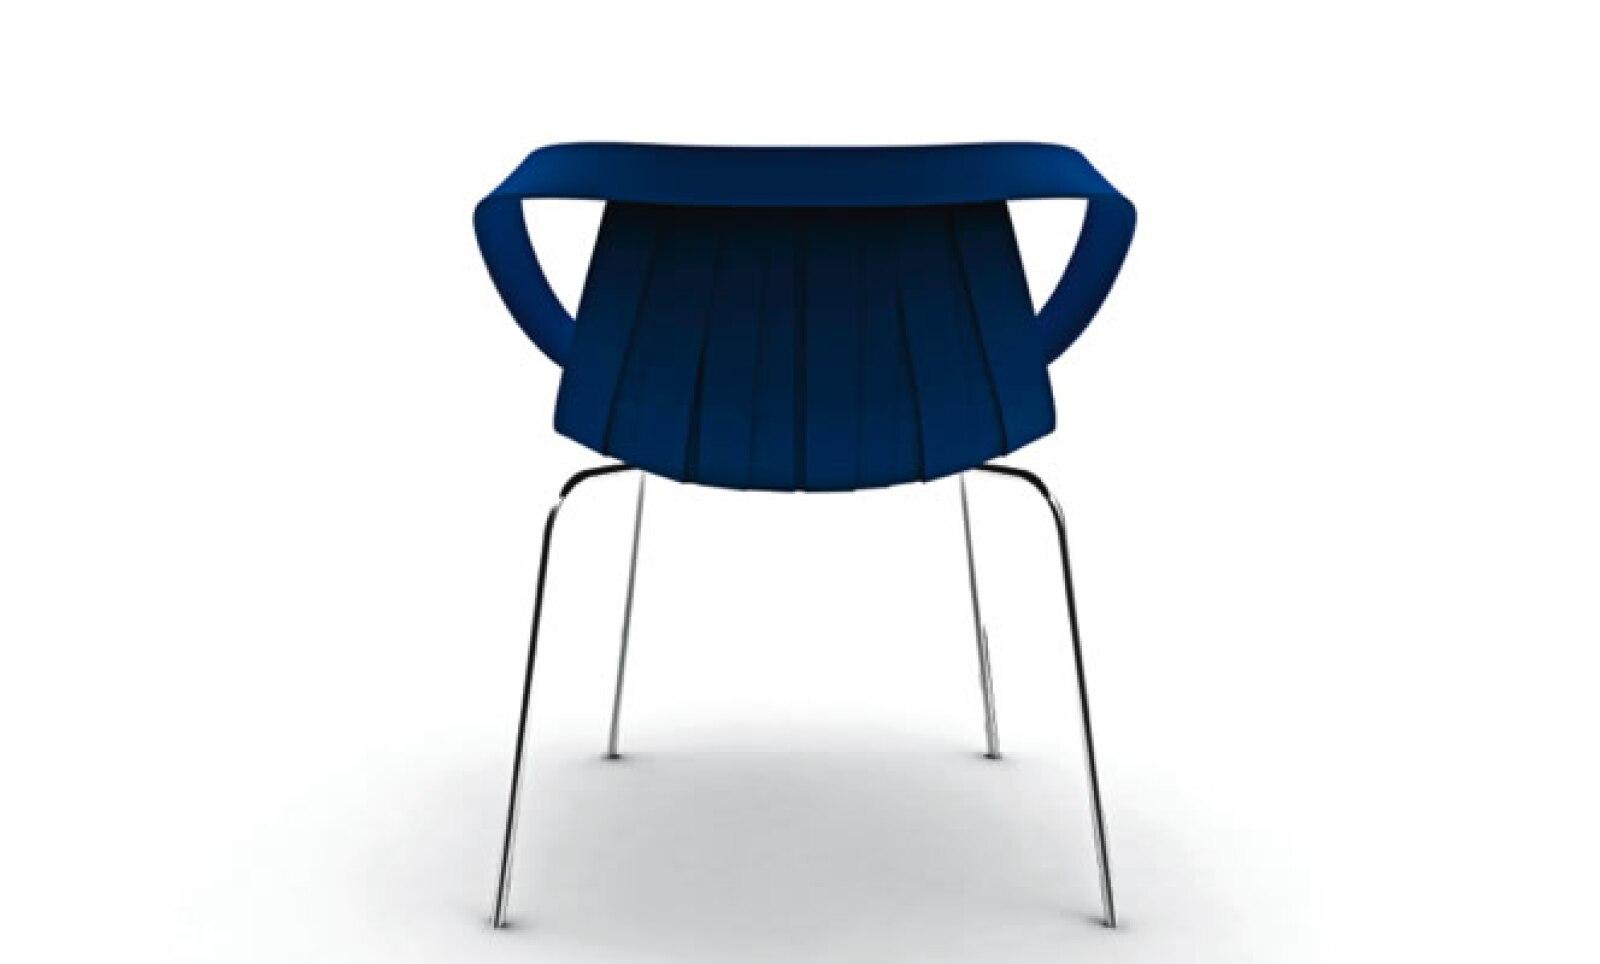 Moroso fabricó esta silla mediante moldeo por inyección. Su diseño hace referencia alas sillas elegantes.